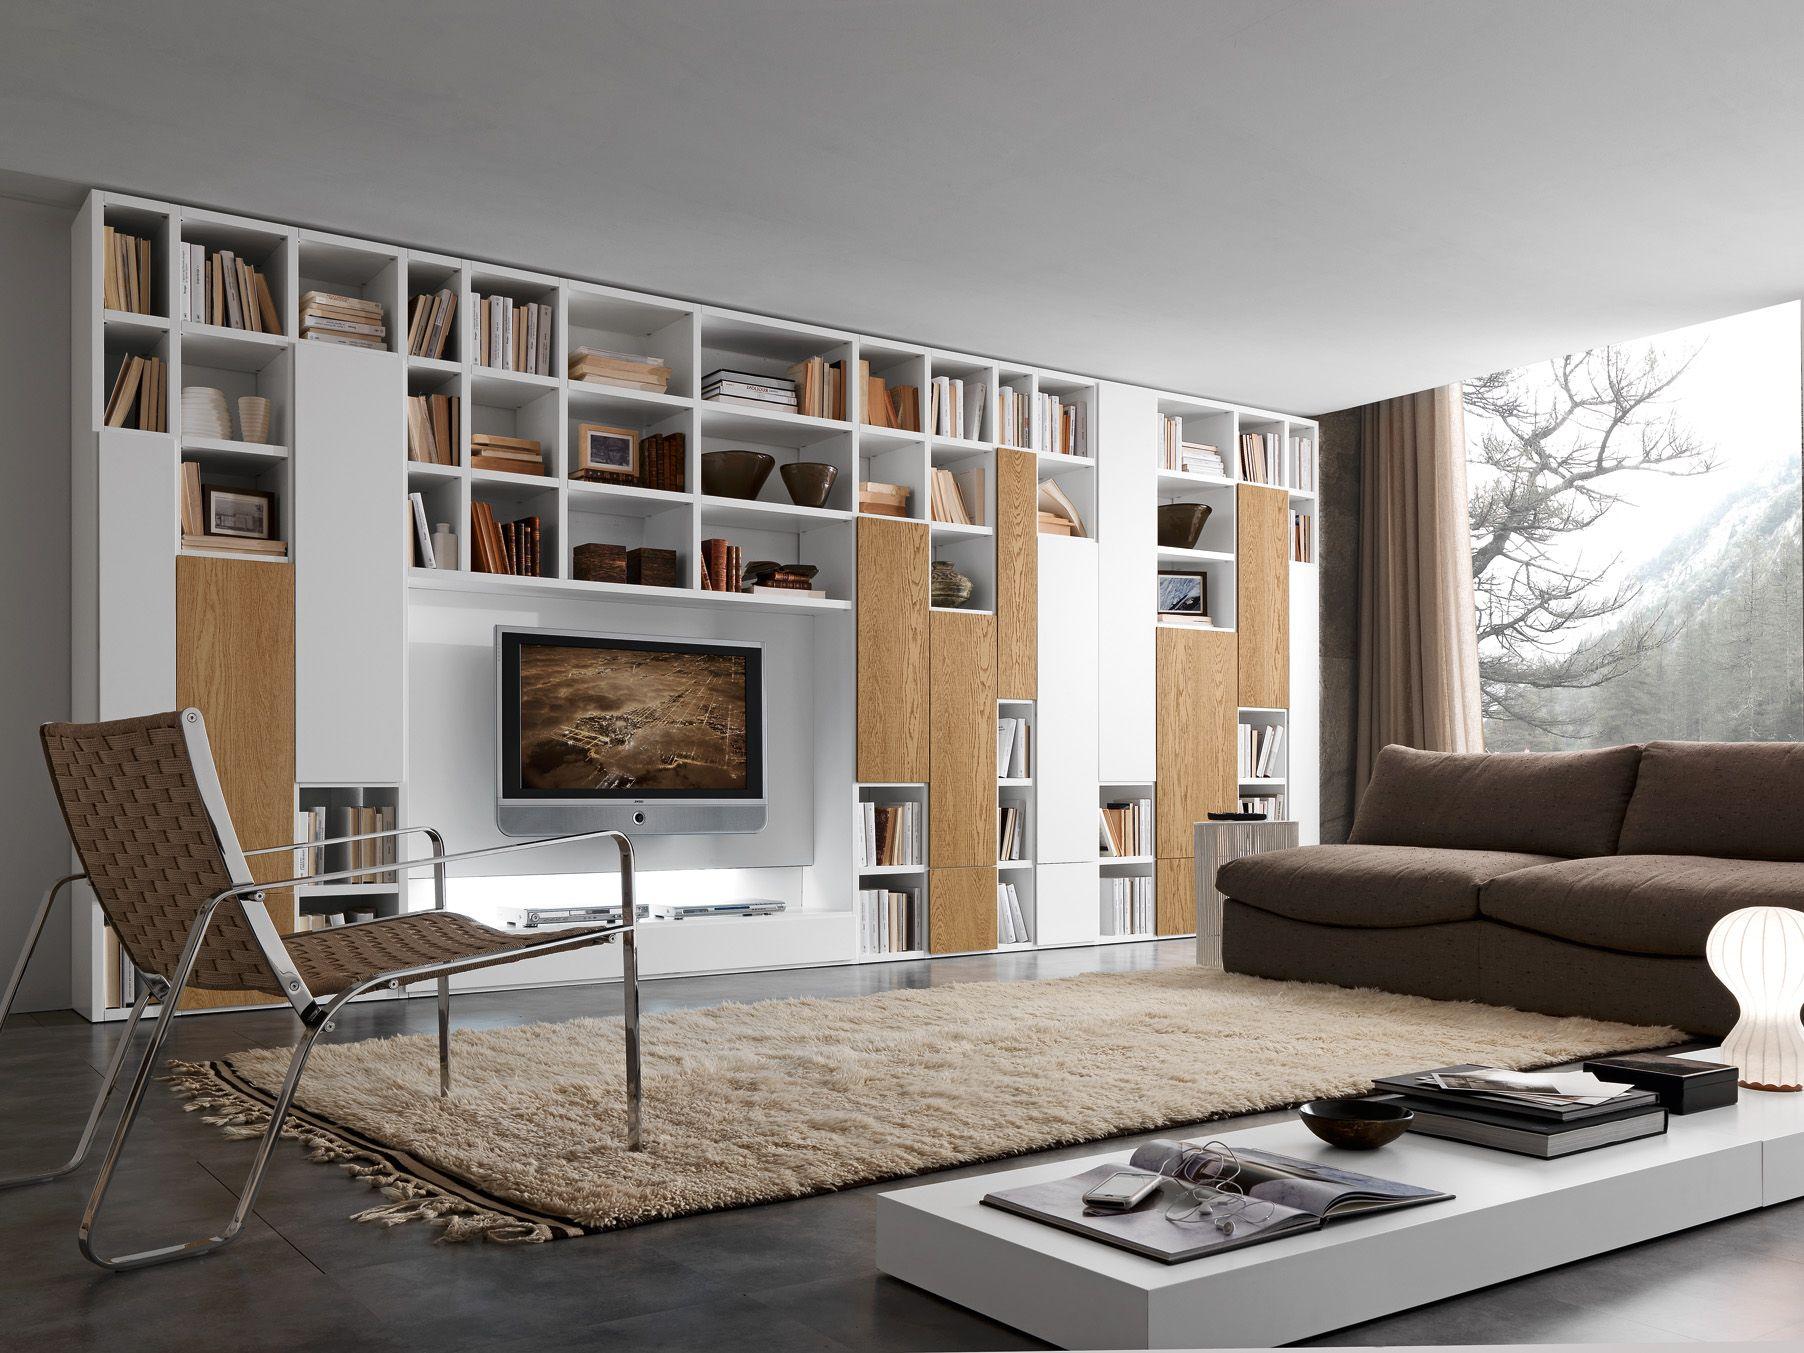 Librerie Arredamento Ikea : Libreria arredamento ikea. Librerie ...